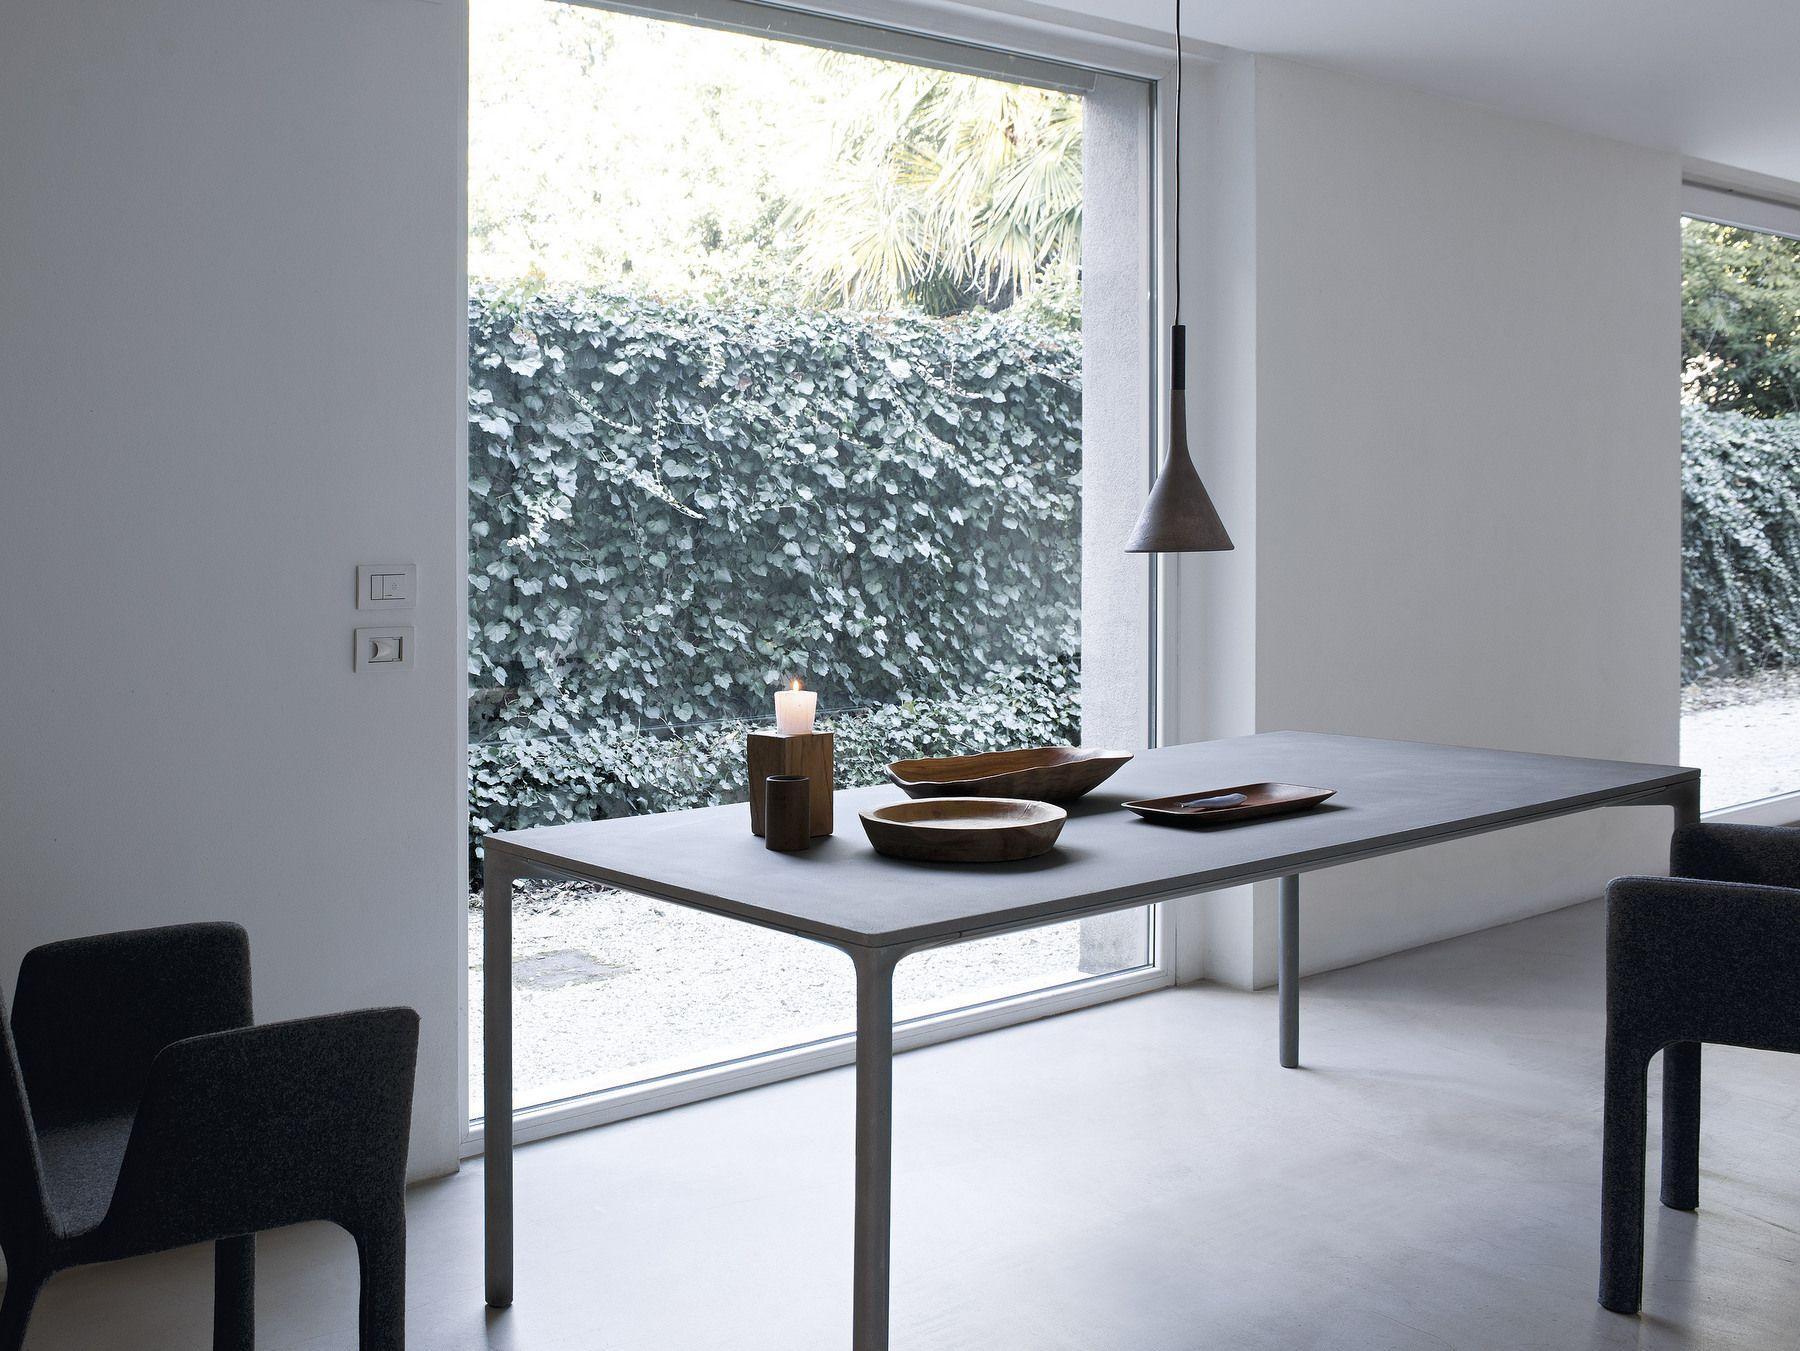 Boiacca tavolo rettangolare by kristalia design lucidipevere for Tavolo rettangolare design